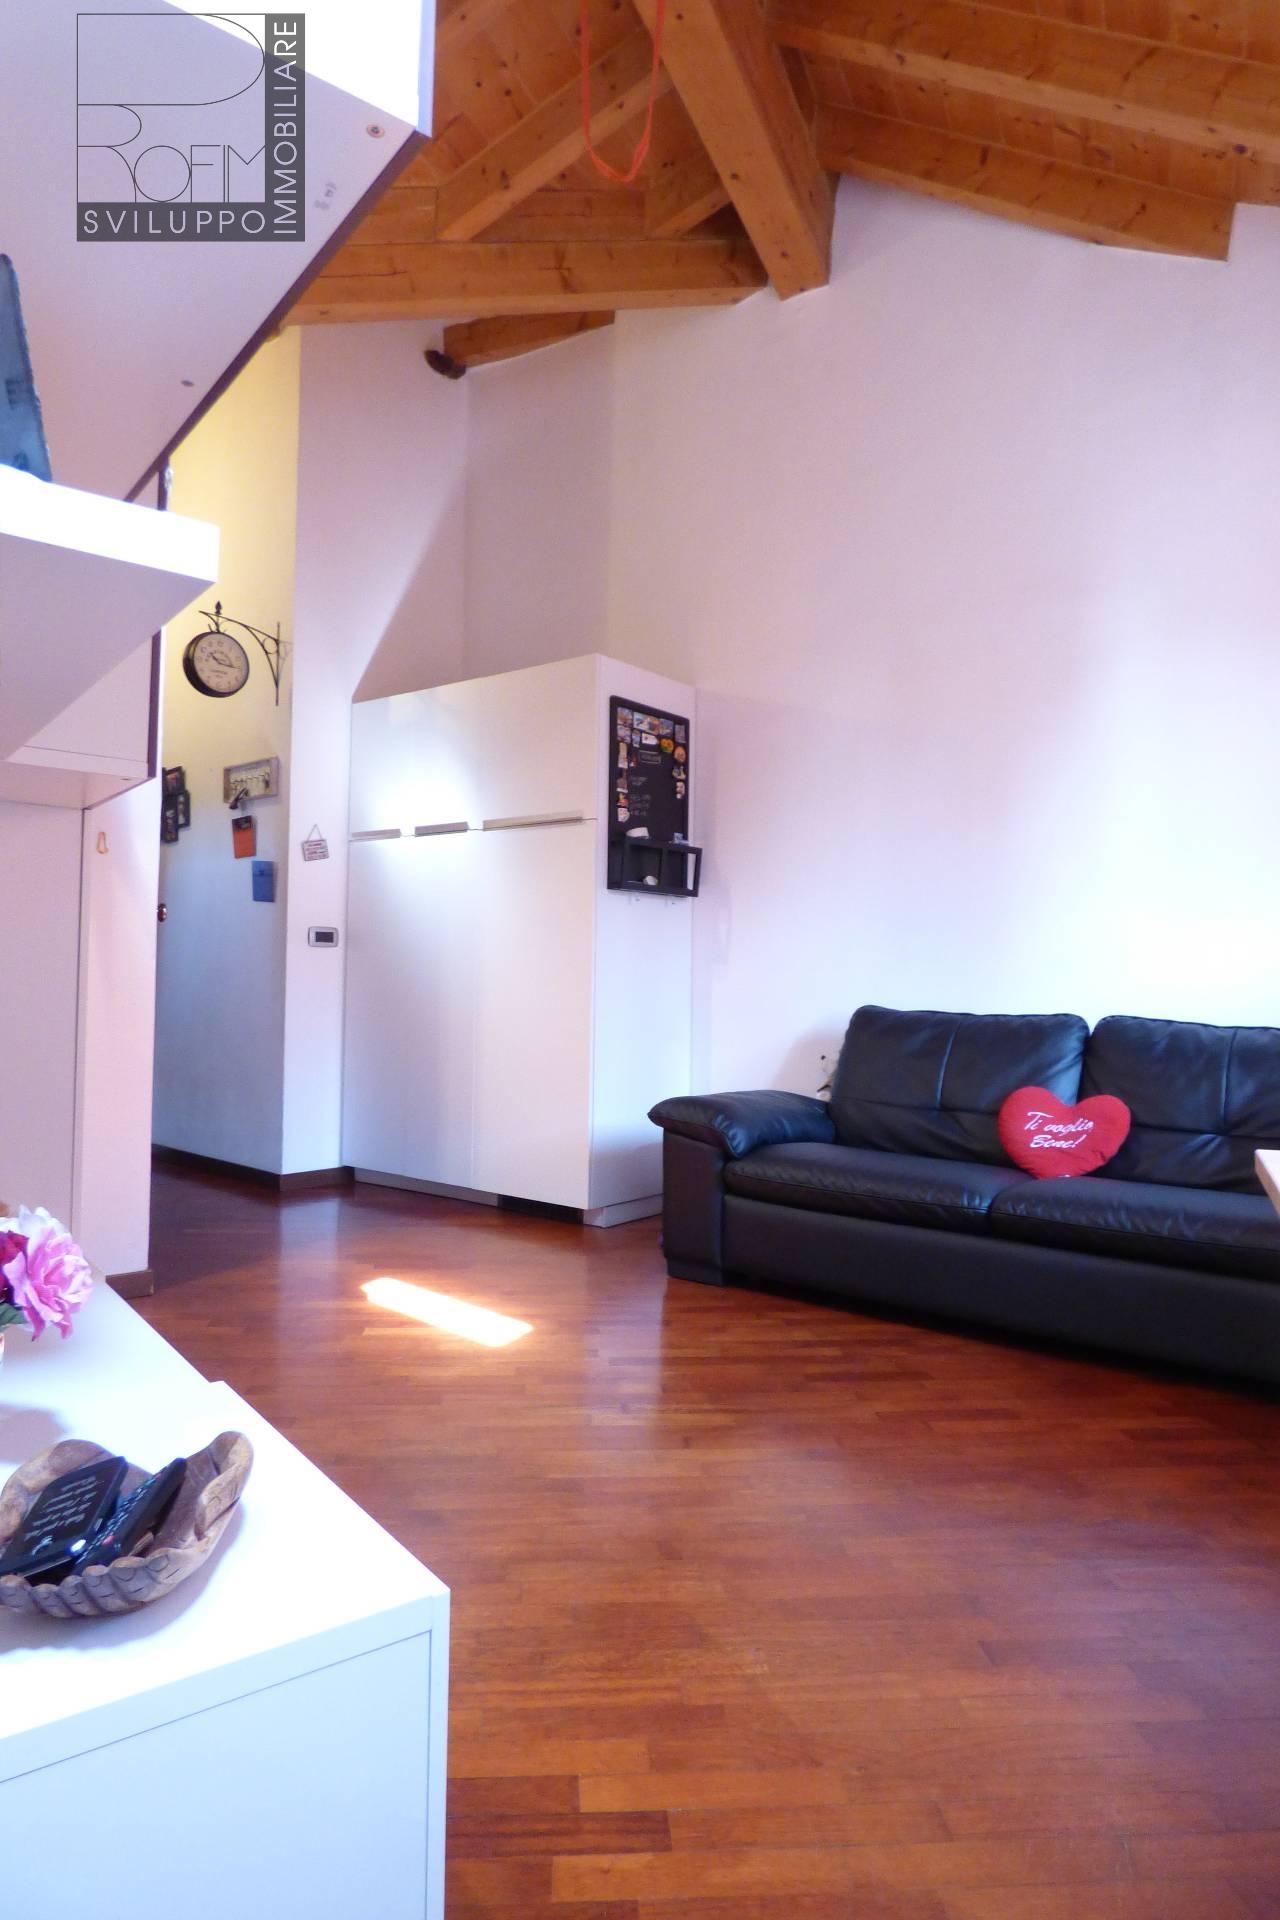 Appartamento in vendita a Mulazzano, 2 locali, zona Zona: Quartiano, prezzo € 82.000 | CambioCasa.it